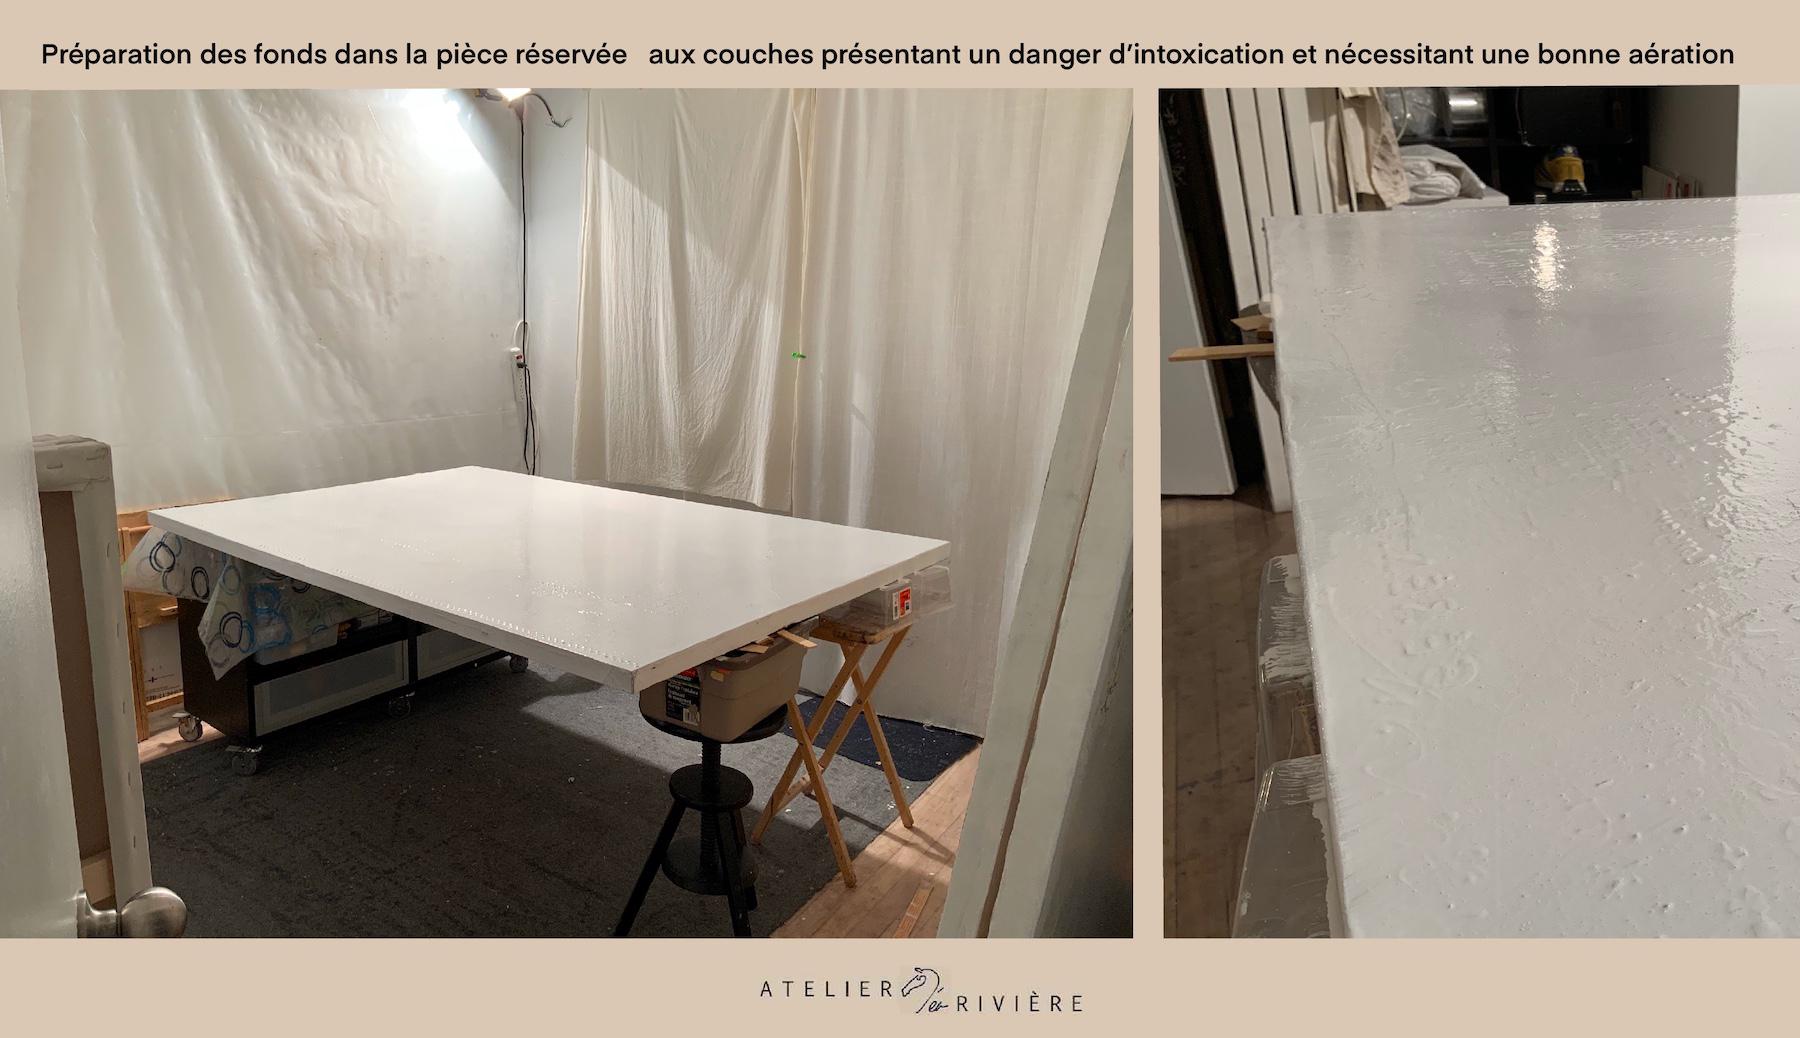 séchage-Reproductions interdite ©Léa Rivière .JPG